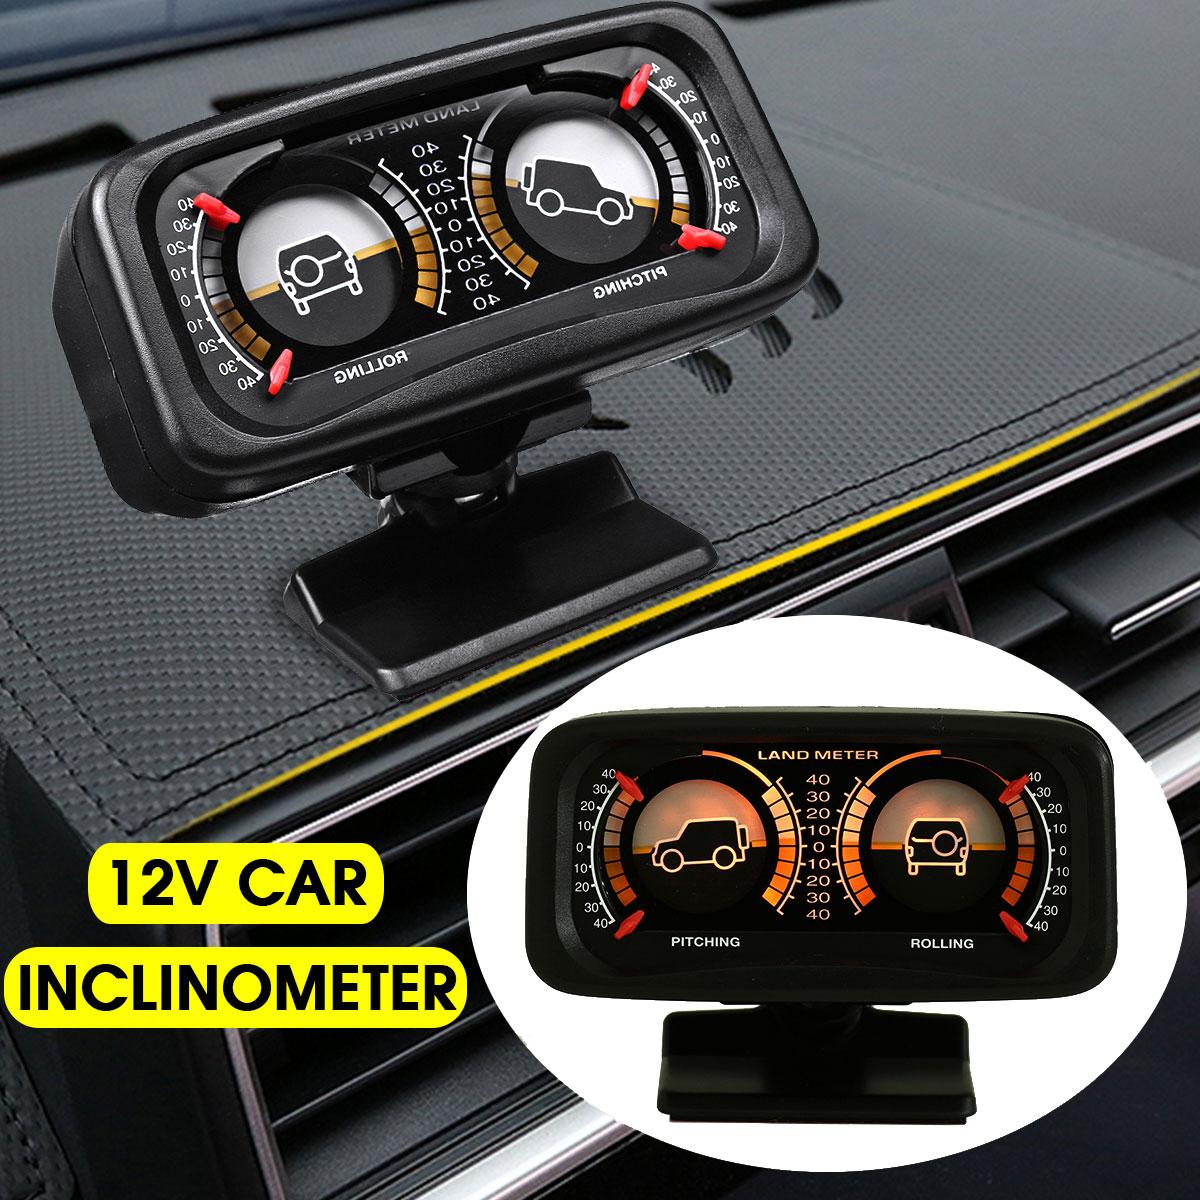 12V Auto Angolo di Inclinazione A due canna Retroilluminazione Inclinometro Per Bussola Bilanciamento del Livello di Pendenza del Tester del Calibro